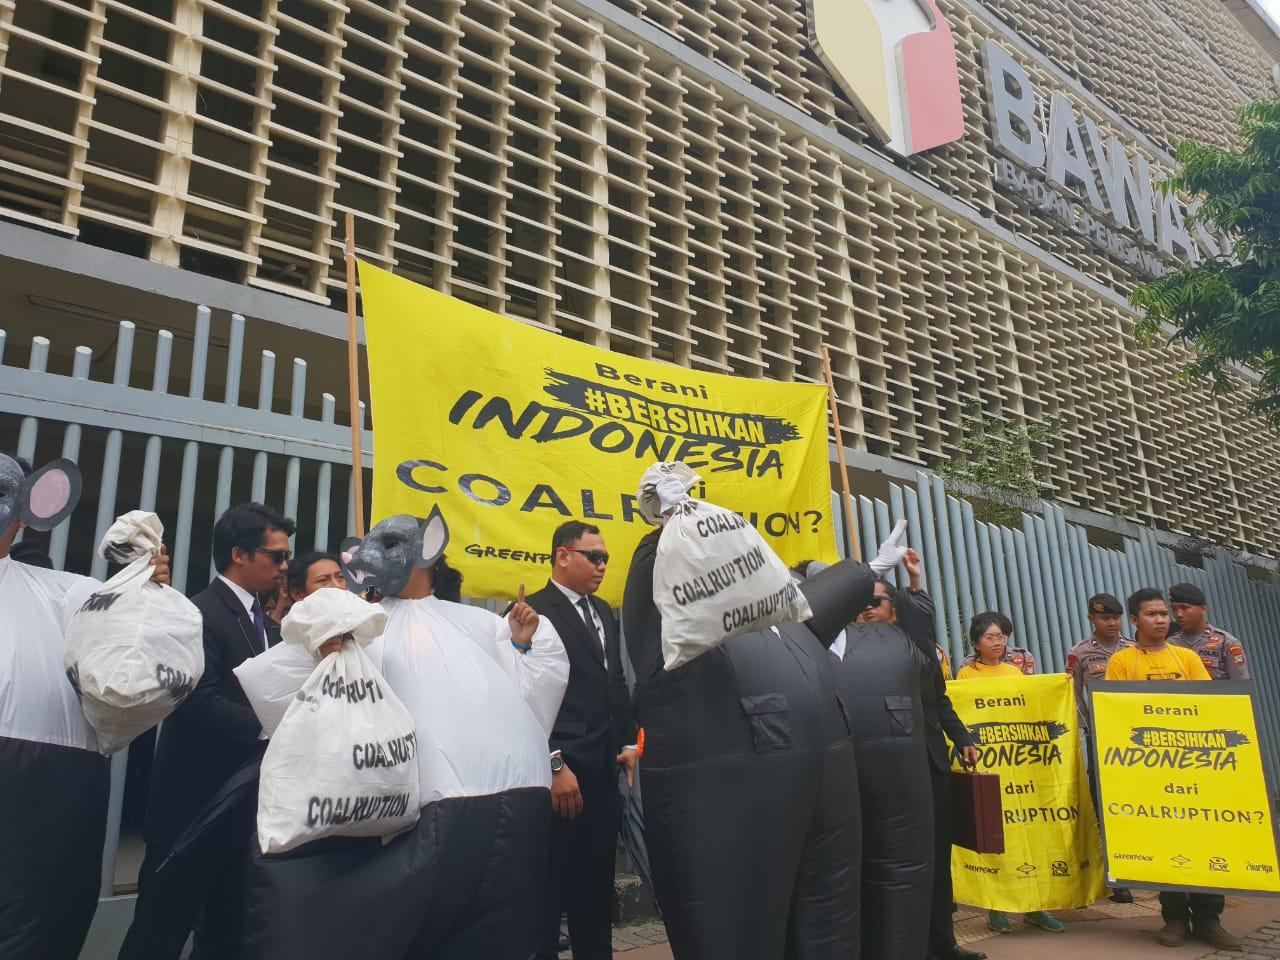 Koalisi #BersihkanIndonesia (Greenpeace, JATAM, Auriga, ICW) menggelar aksi di Kantor Bawaslu RI, Jakarta